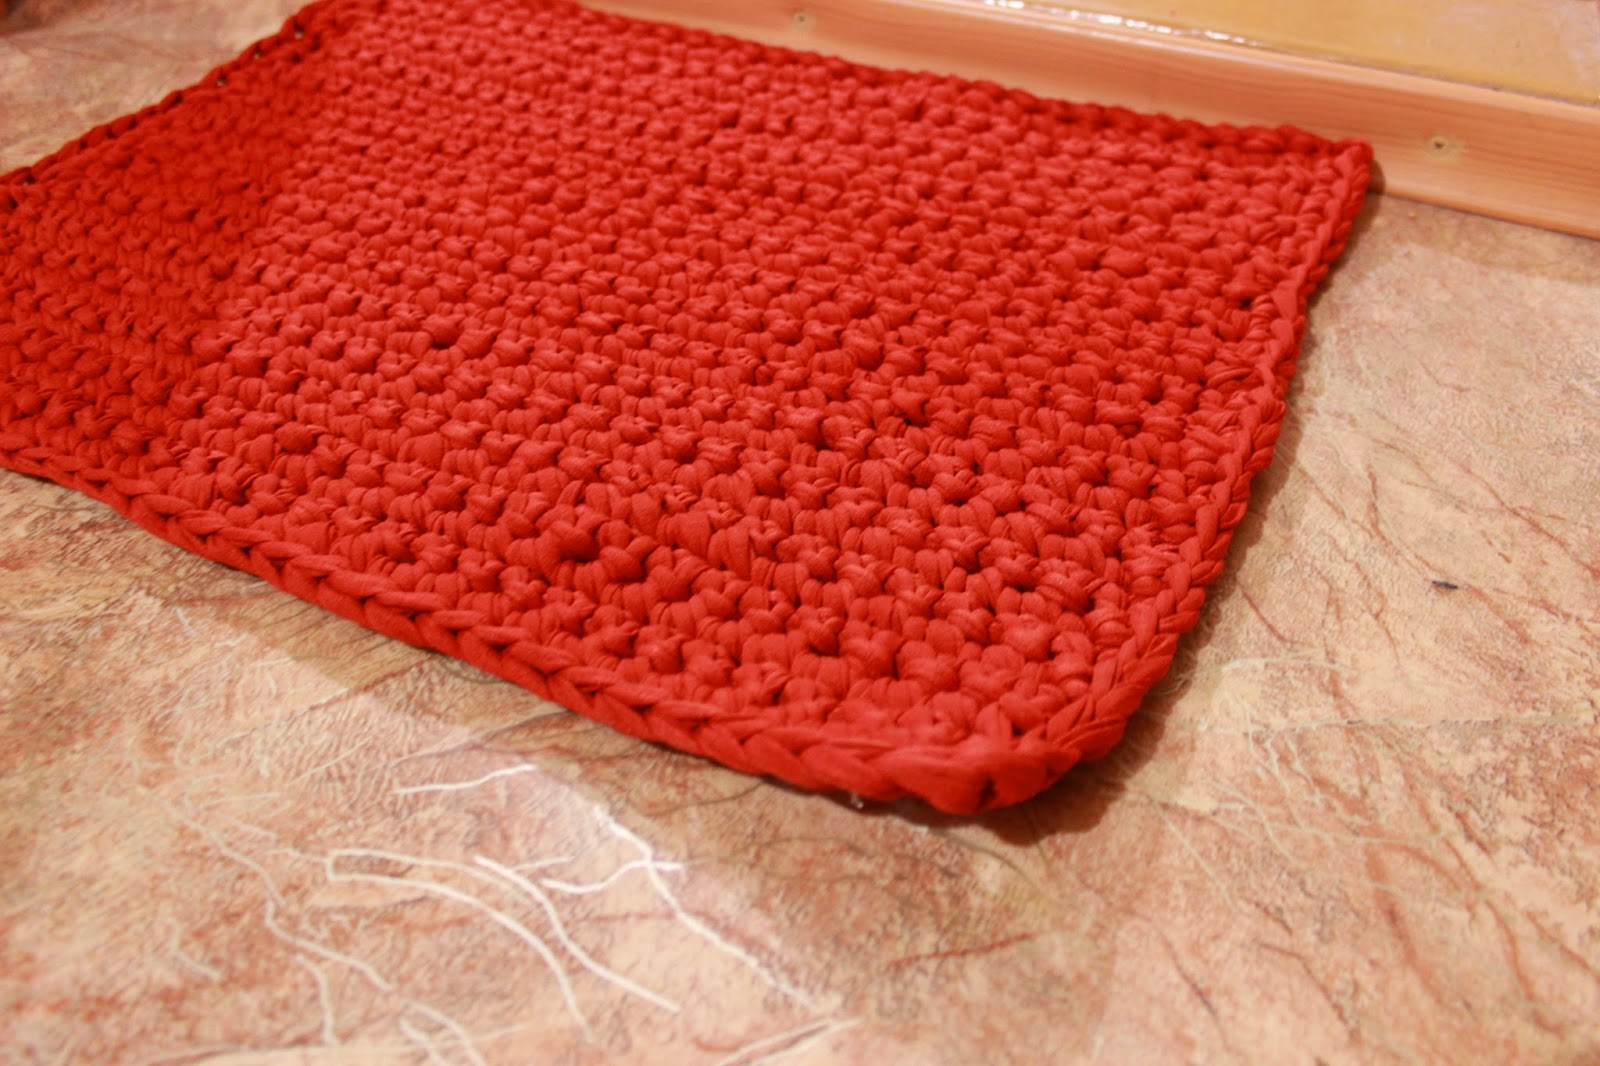 настроение своими руками, сумки, нитки спагетти, вязаный коврик, уютный коврик, вязаная сумка